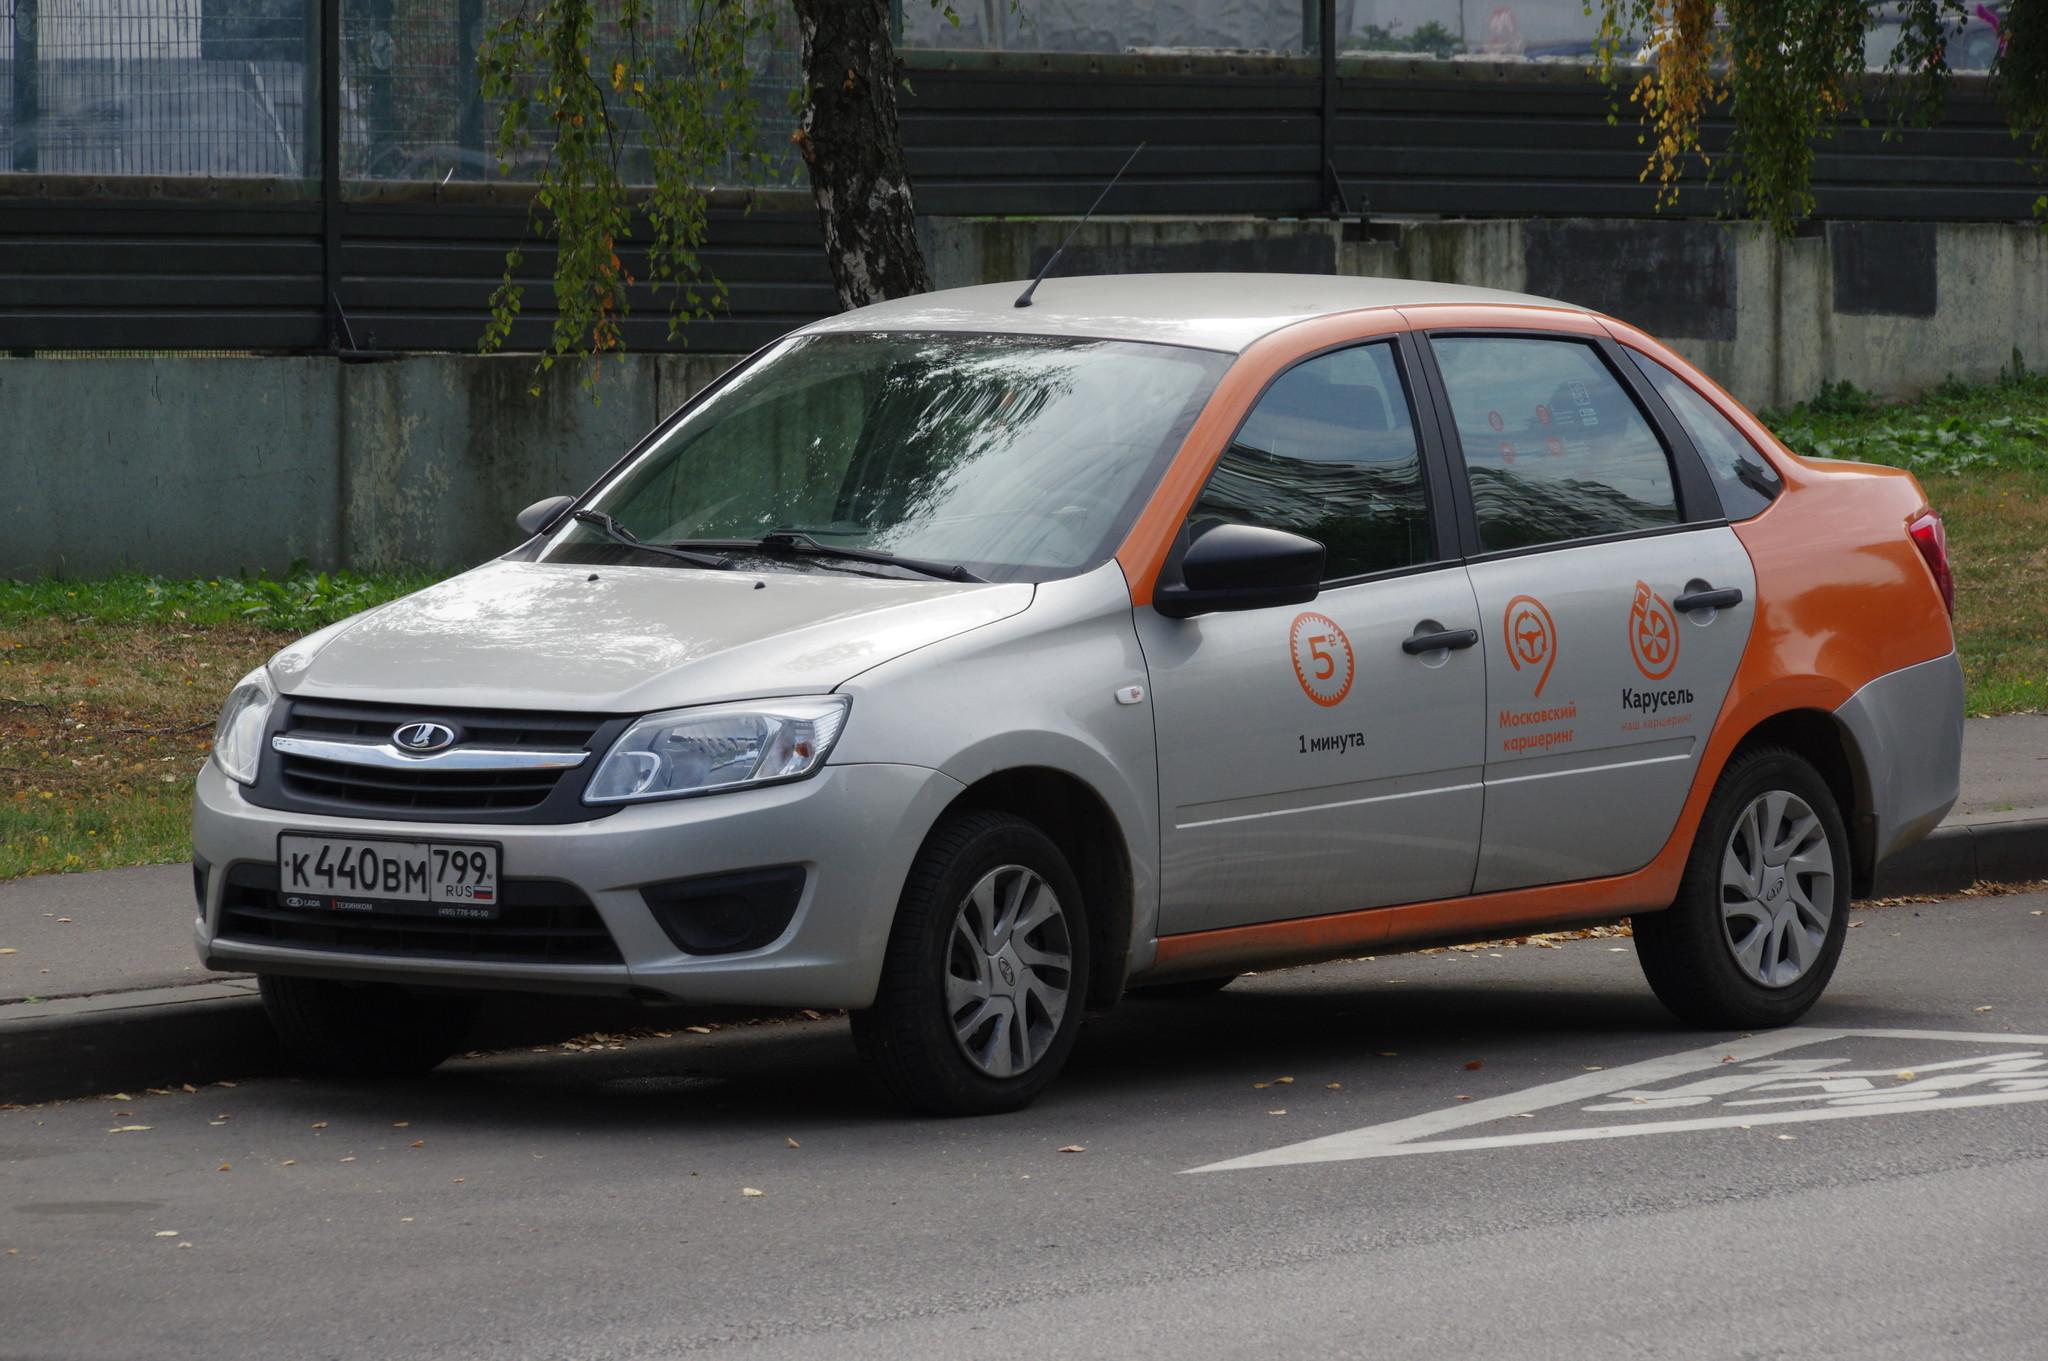 Автомобиль LADA Московского каршеринга на 9-ой Северной линии